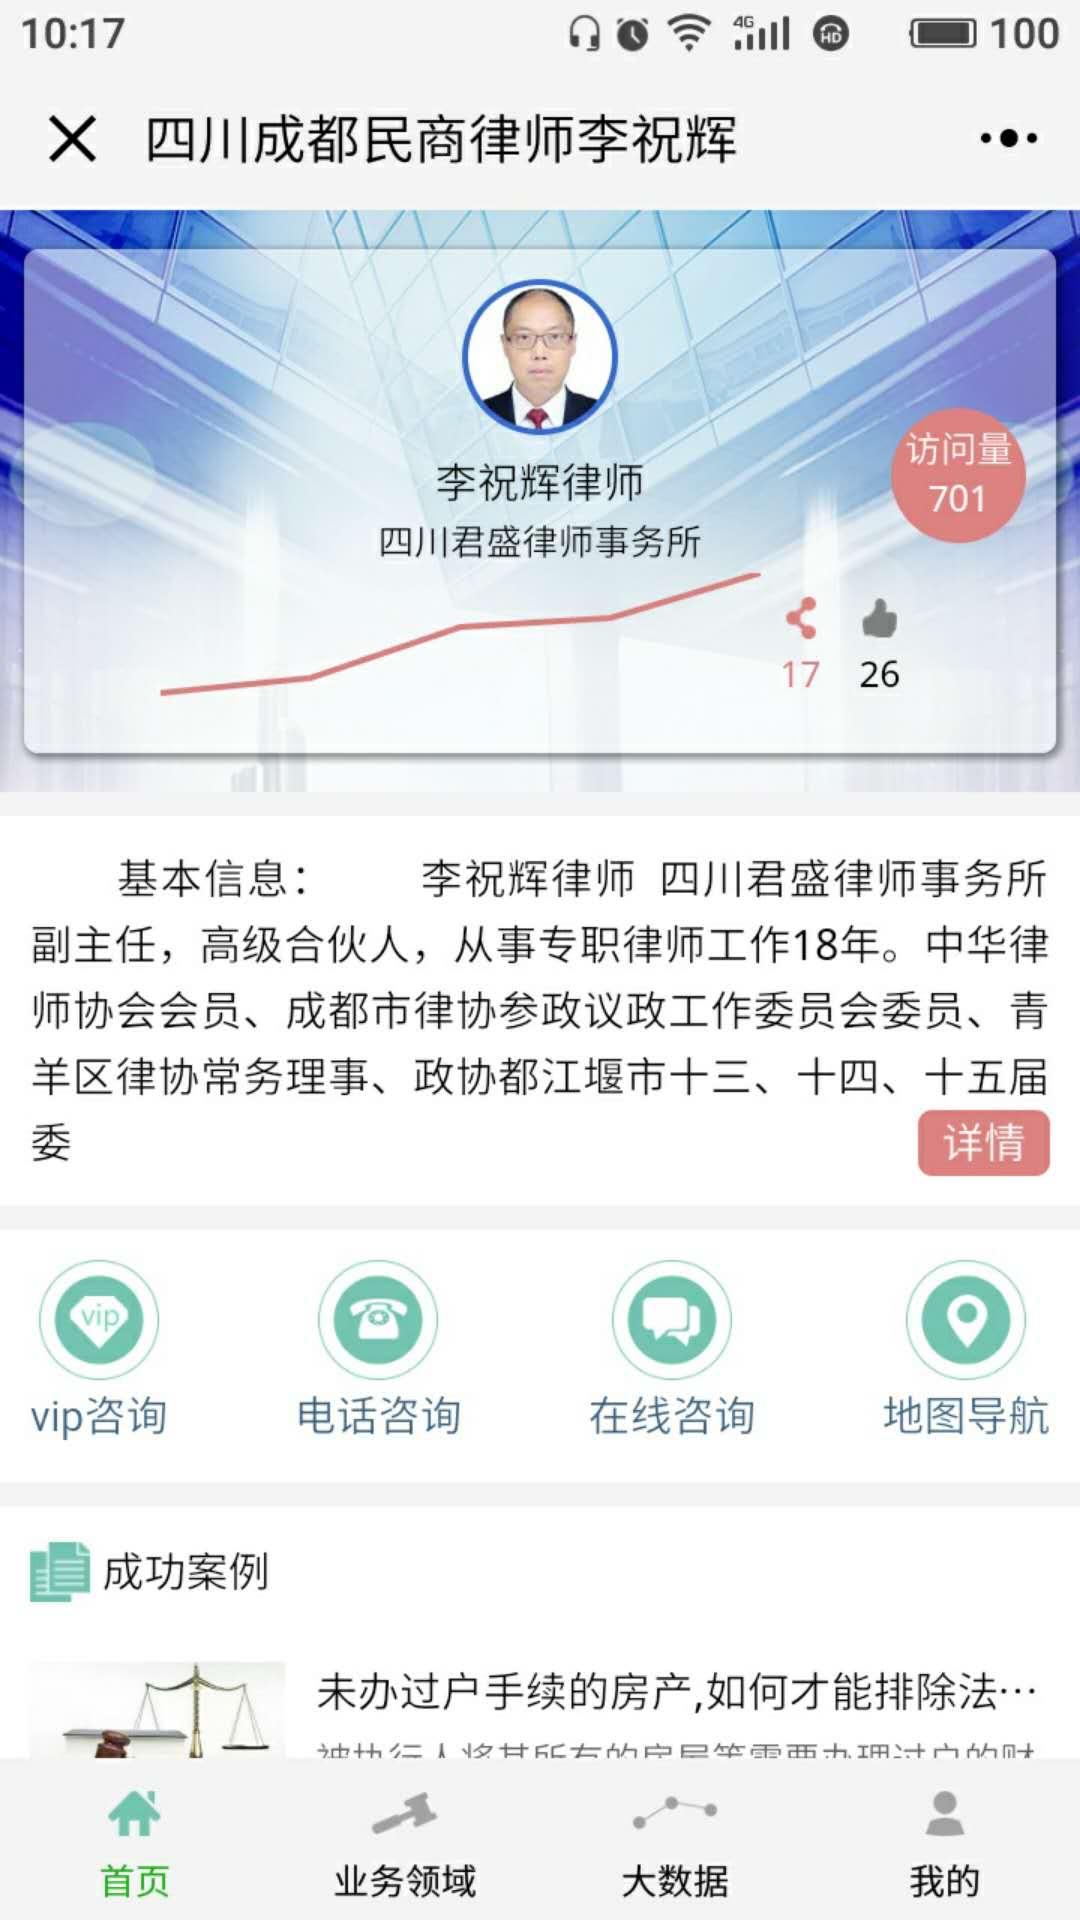 四川成都民商律师李祝辉小程序